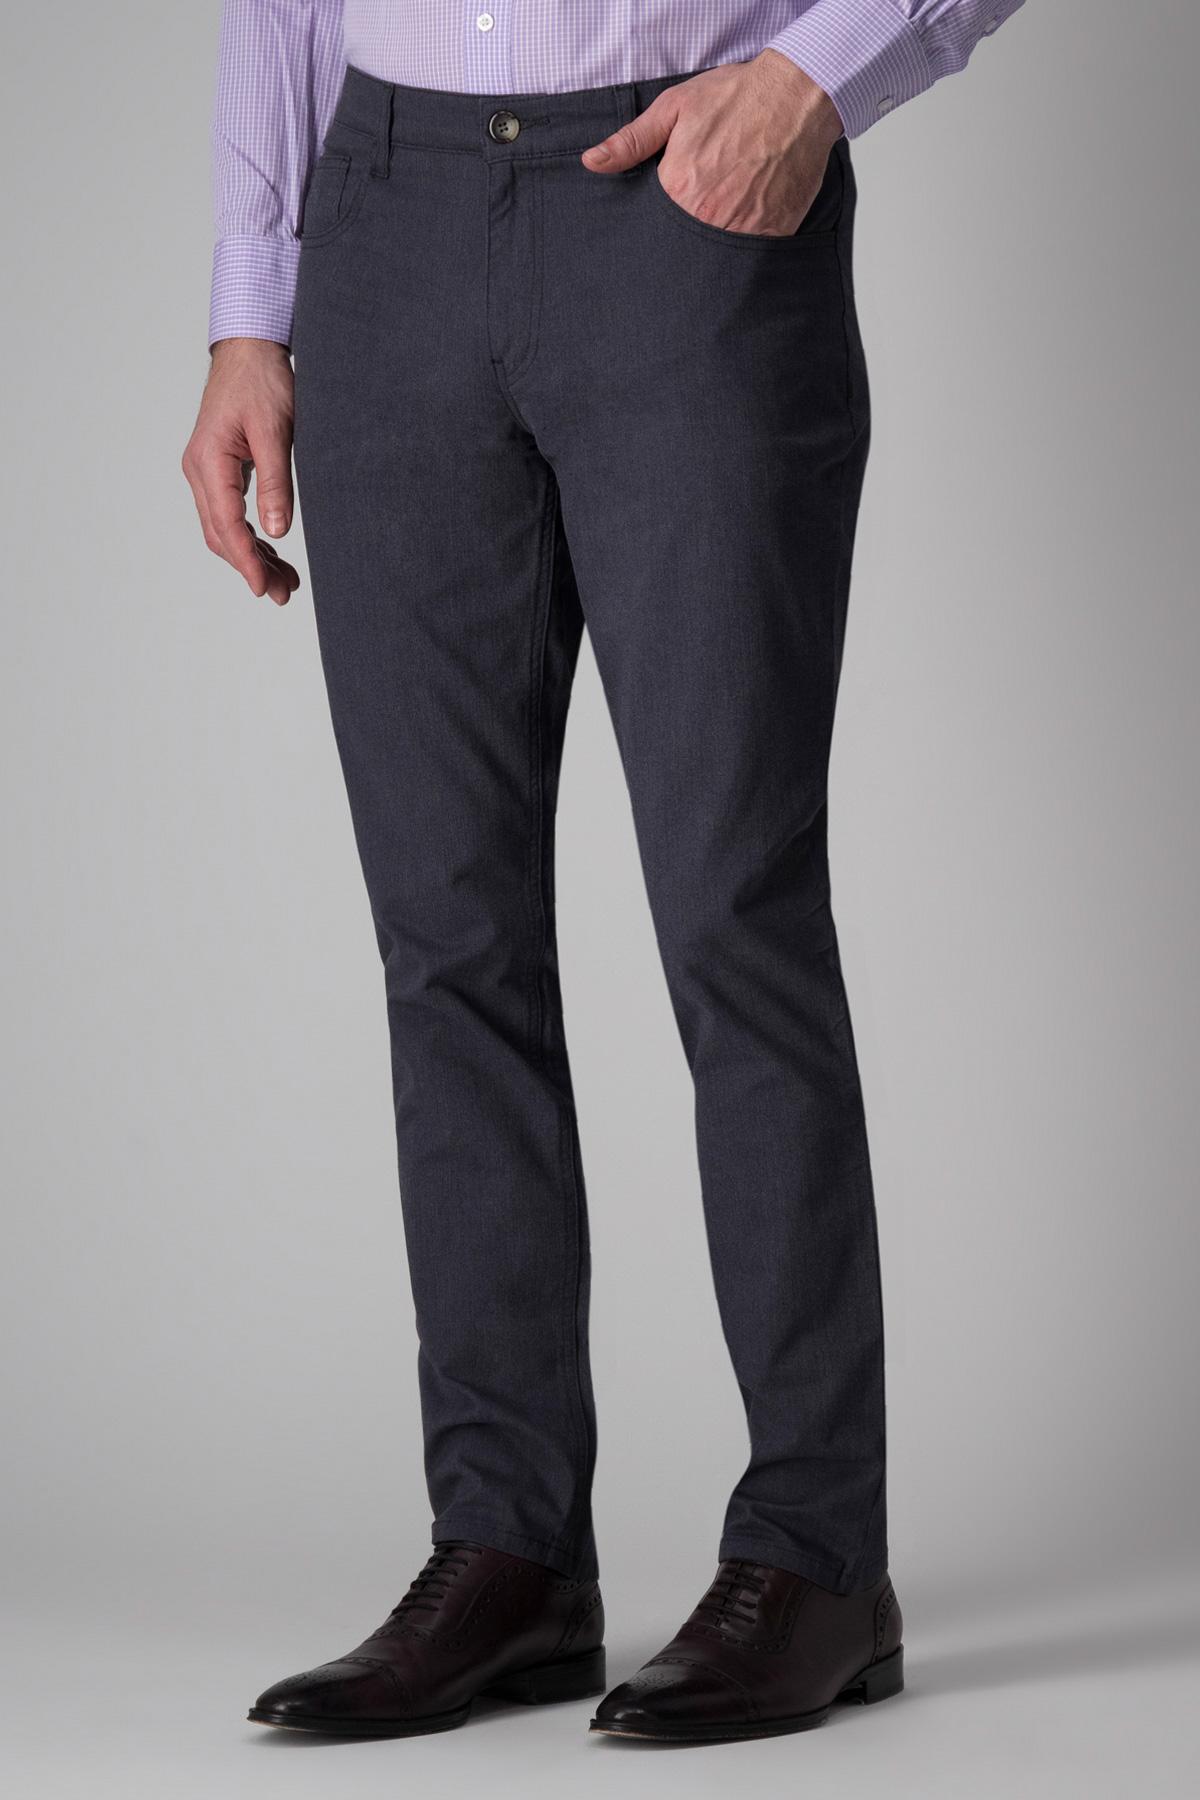 Pantalón Calderoni, modelo 5 bolsillos, color gris.